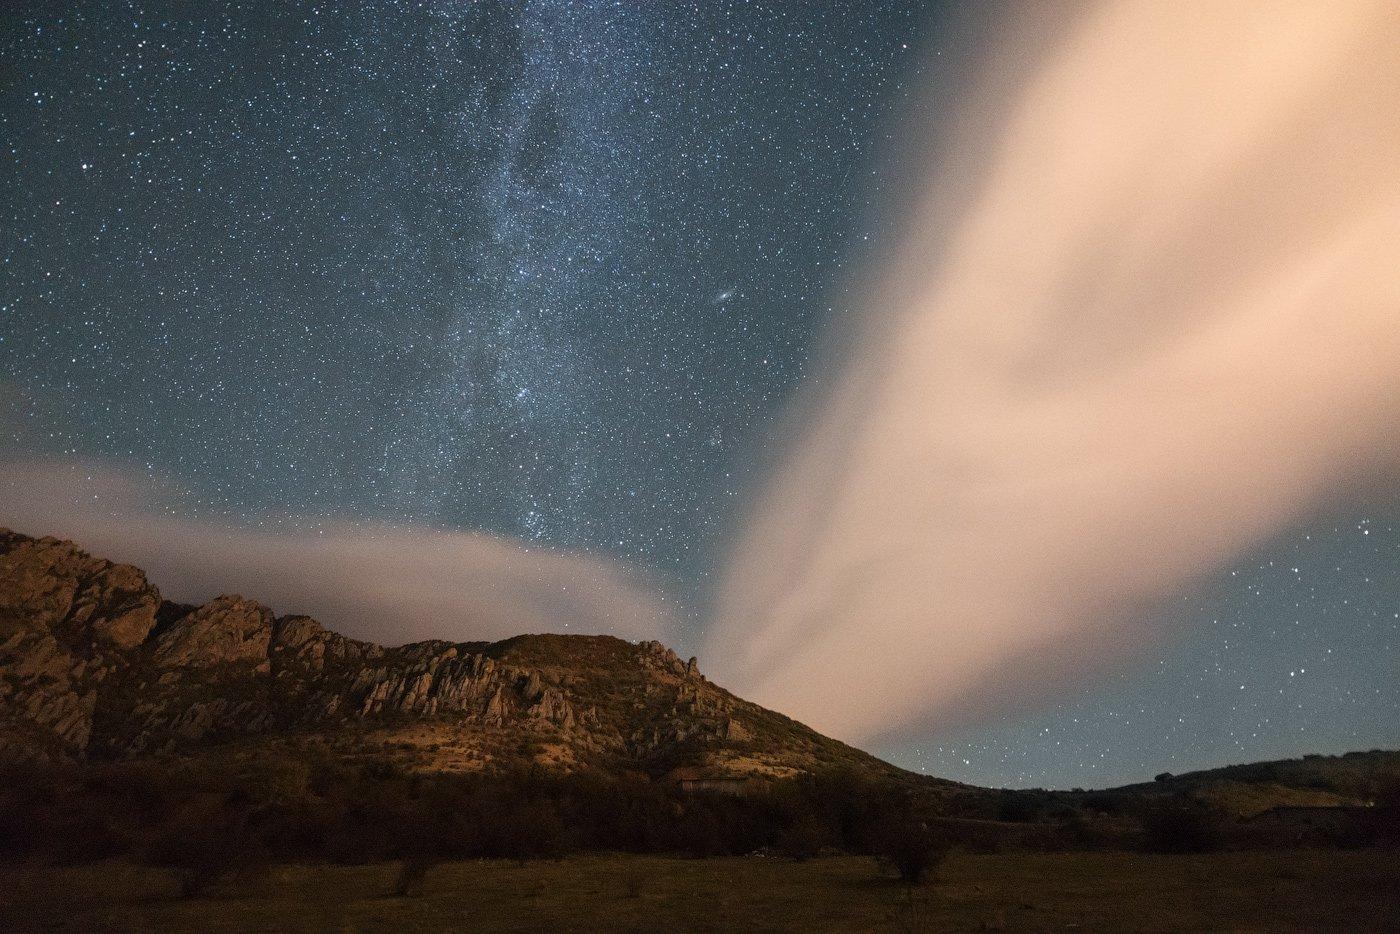 ночь, демерджи, крым, млечный путь, горы, звезды, астрофотография, лентикулярные облака, ночное небо, Олеся Боева